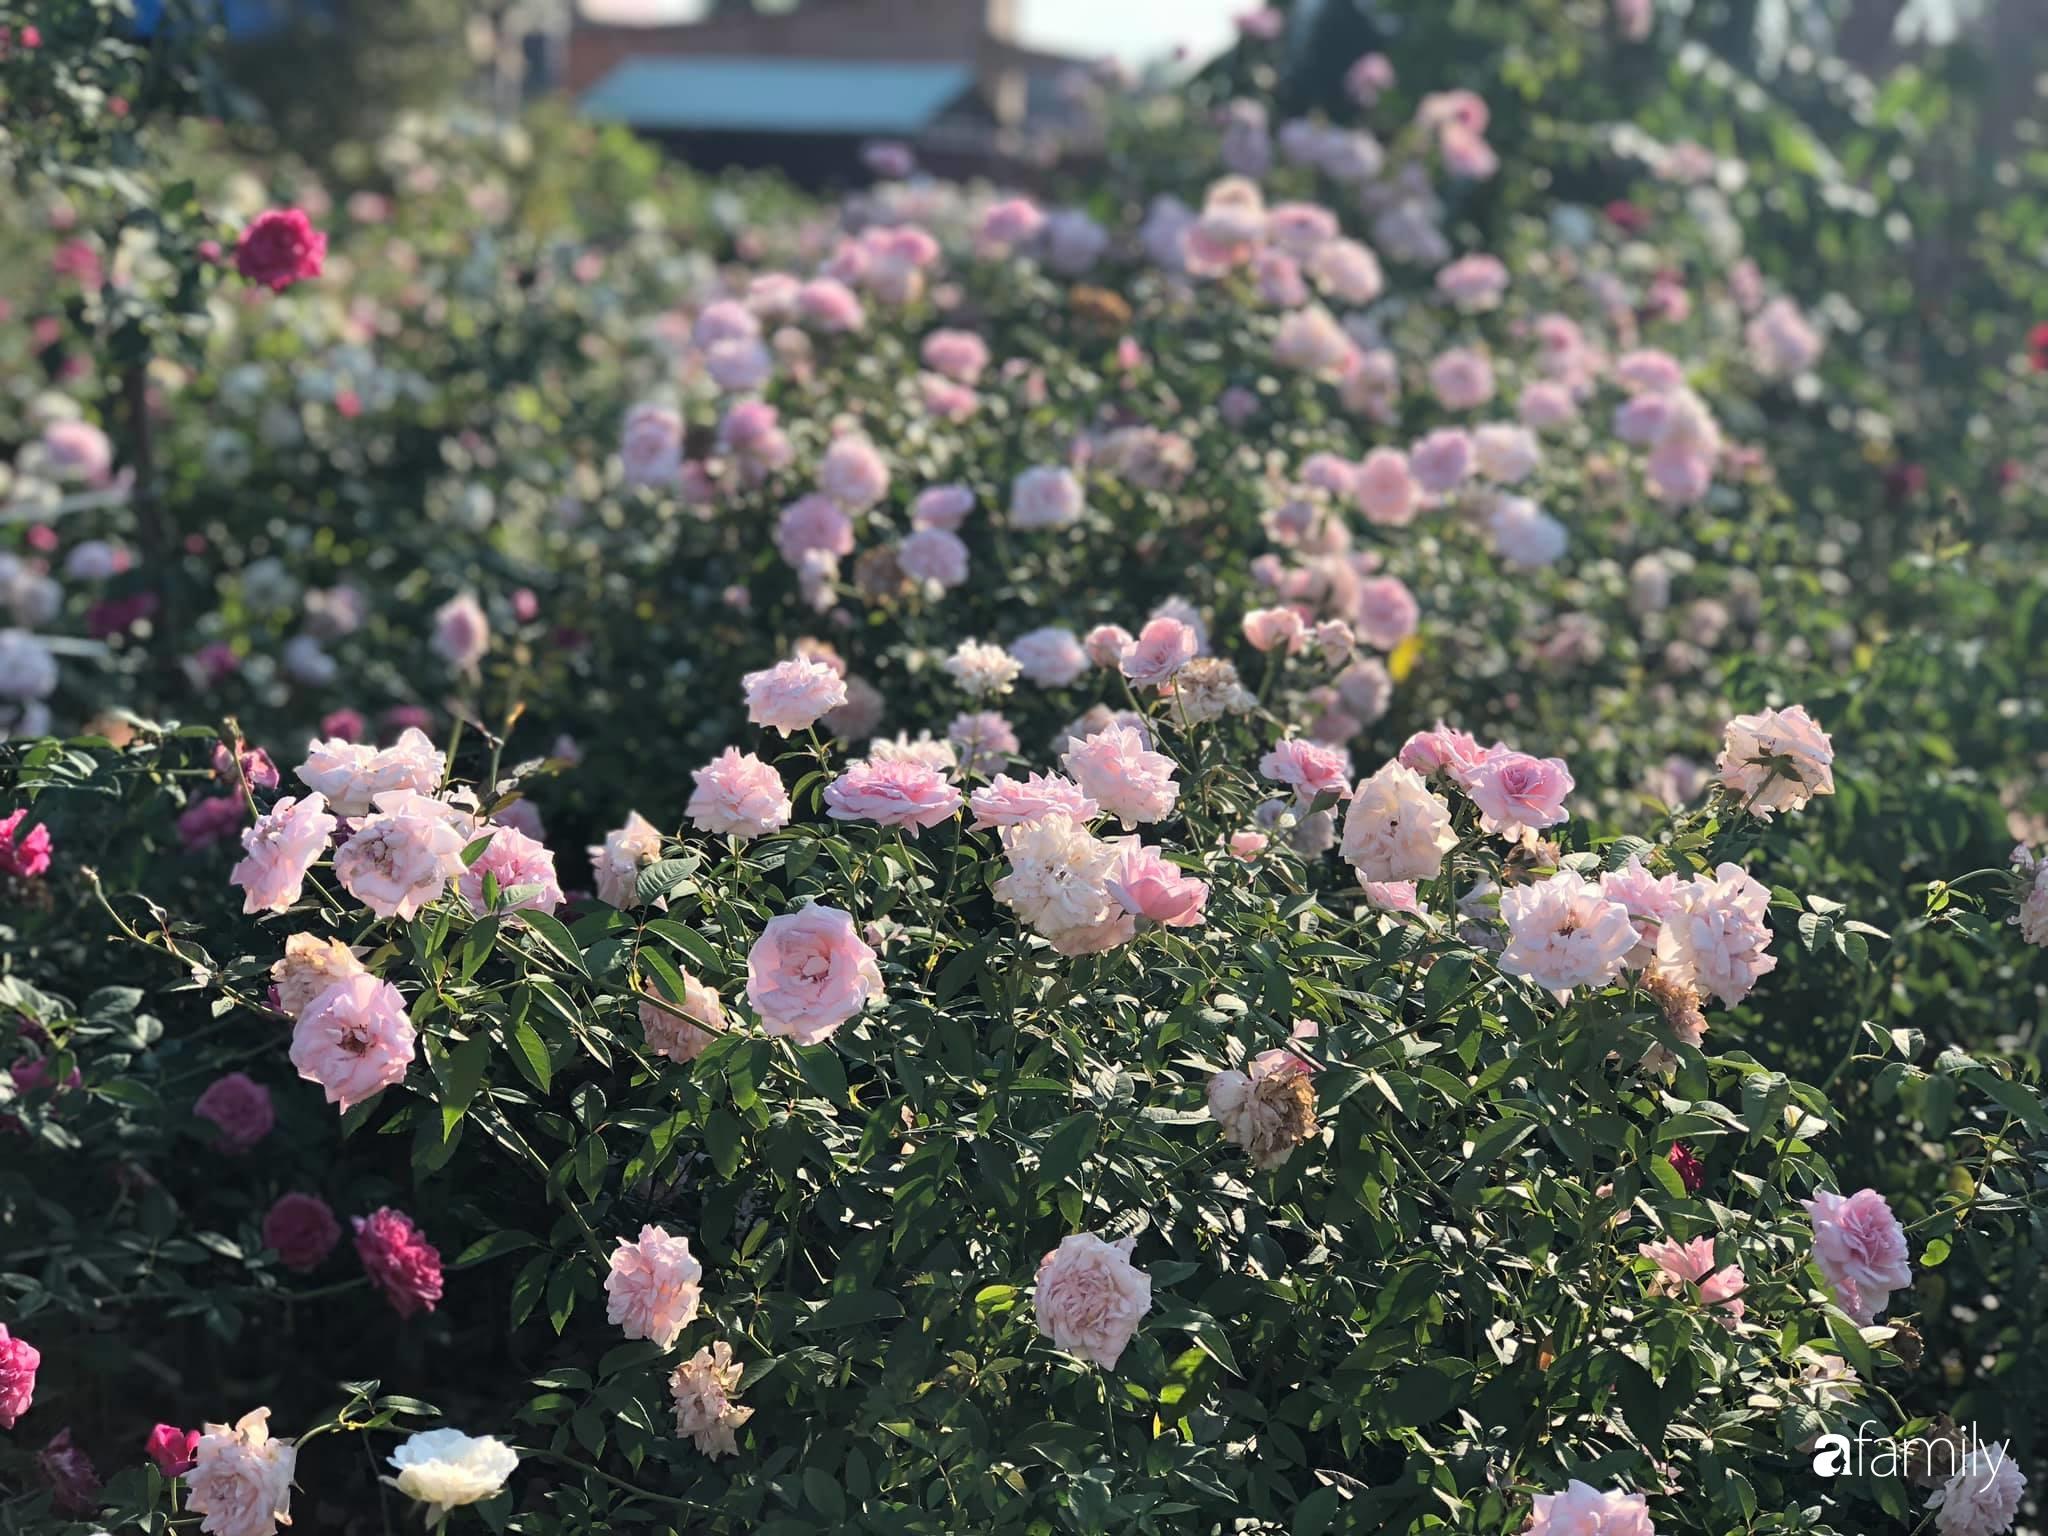 Khu vườn hoa hồng đẹp như cổ tích mà người chồng ngày đêm chăm sóc để tặng vợ con ở Vũng Tàu-23